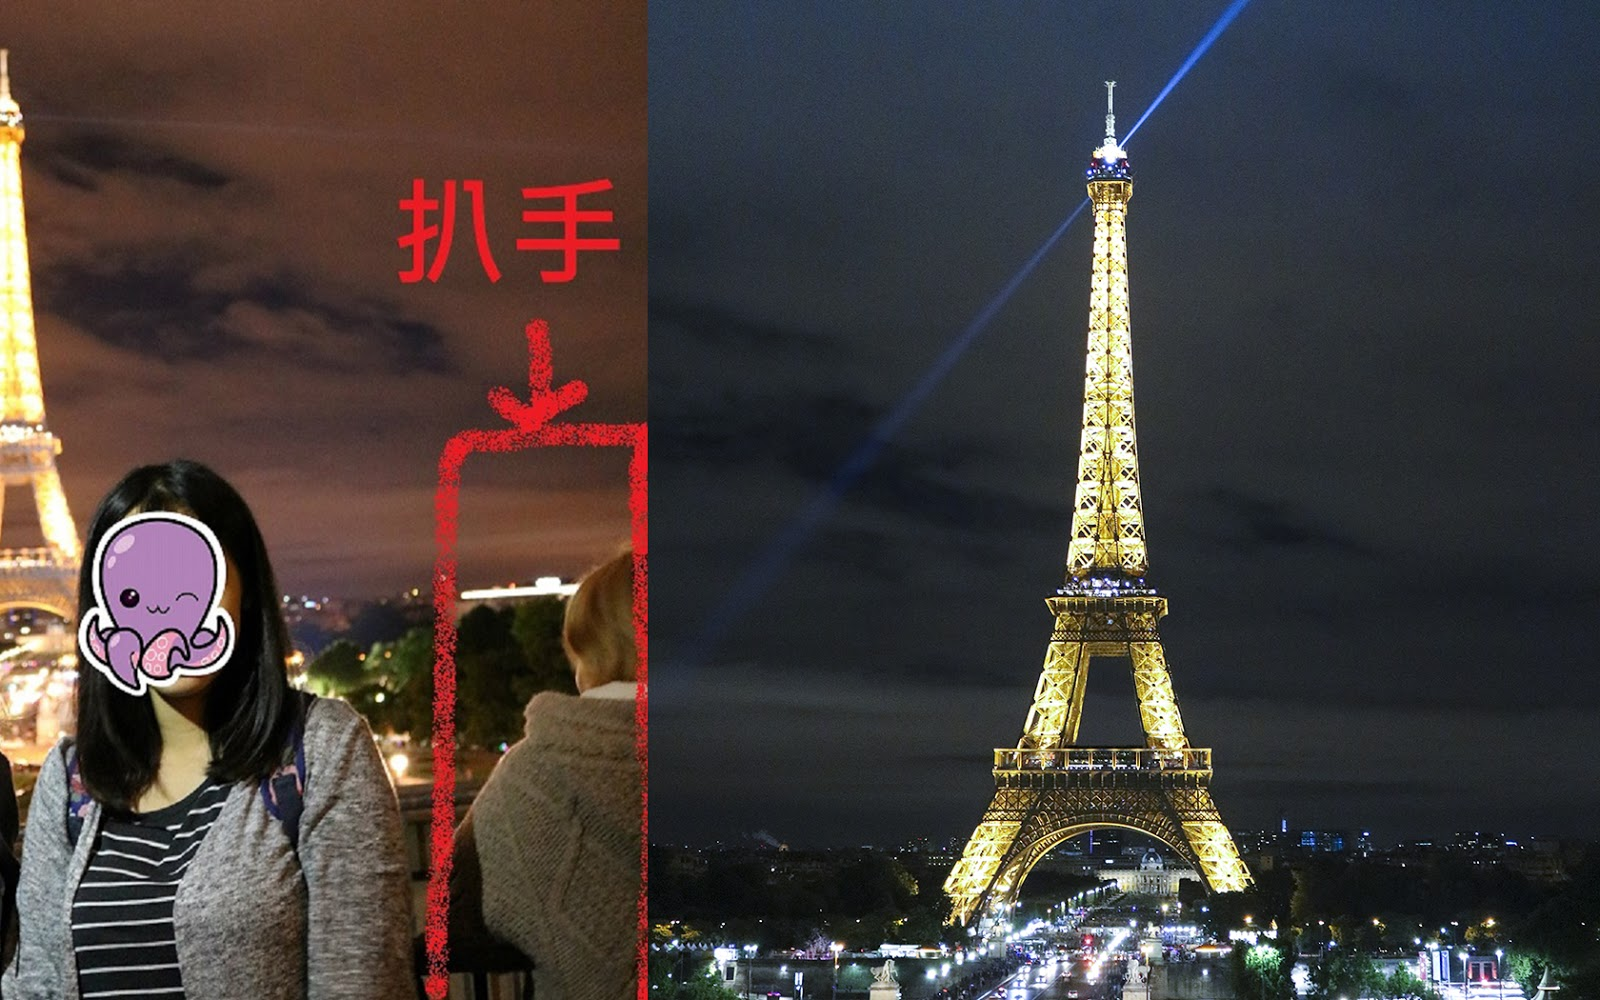 【歐洲治安/巴黎治安】巴黎遇扒記 - 媽媽帶妳去浪跡天涯 ★ 跨越9個時區的旅程